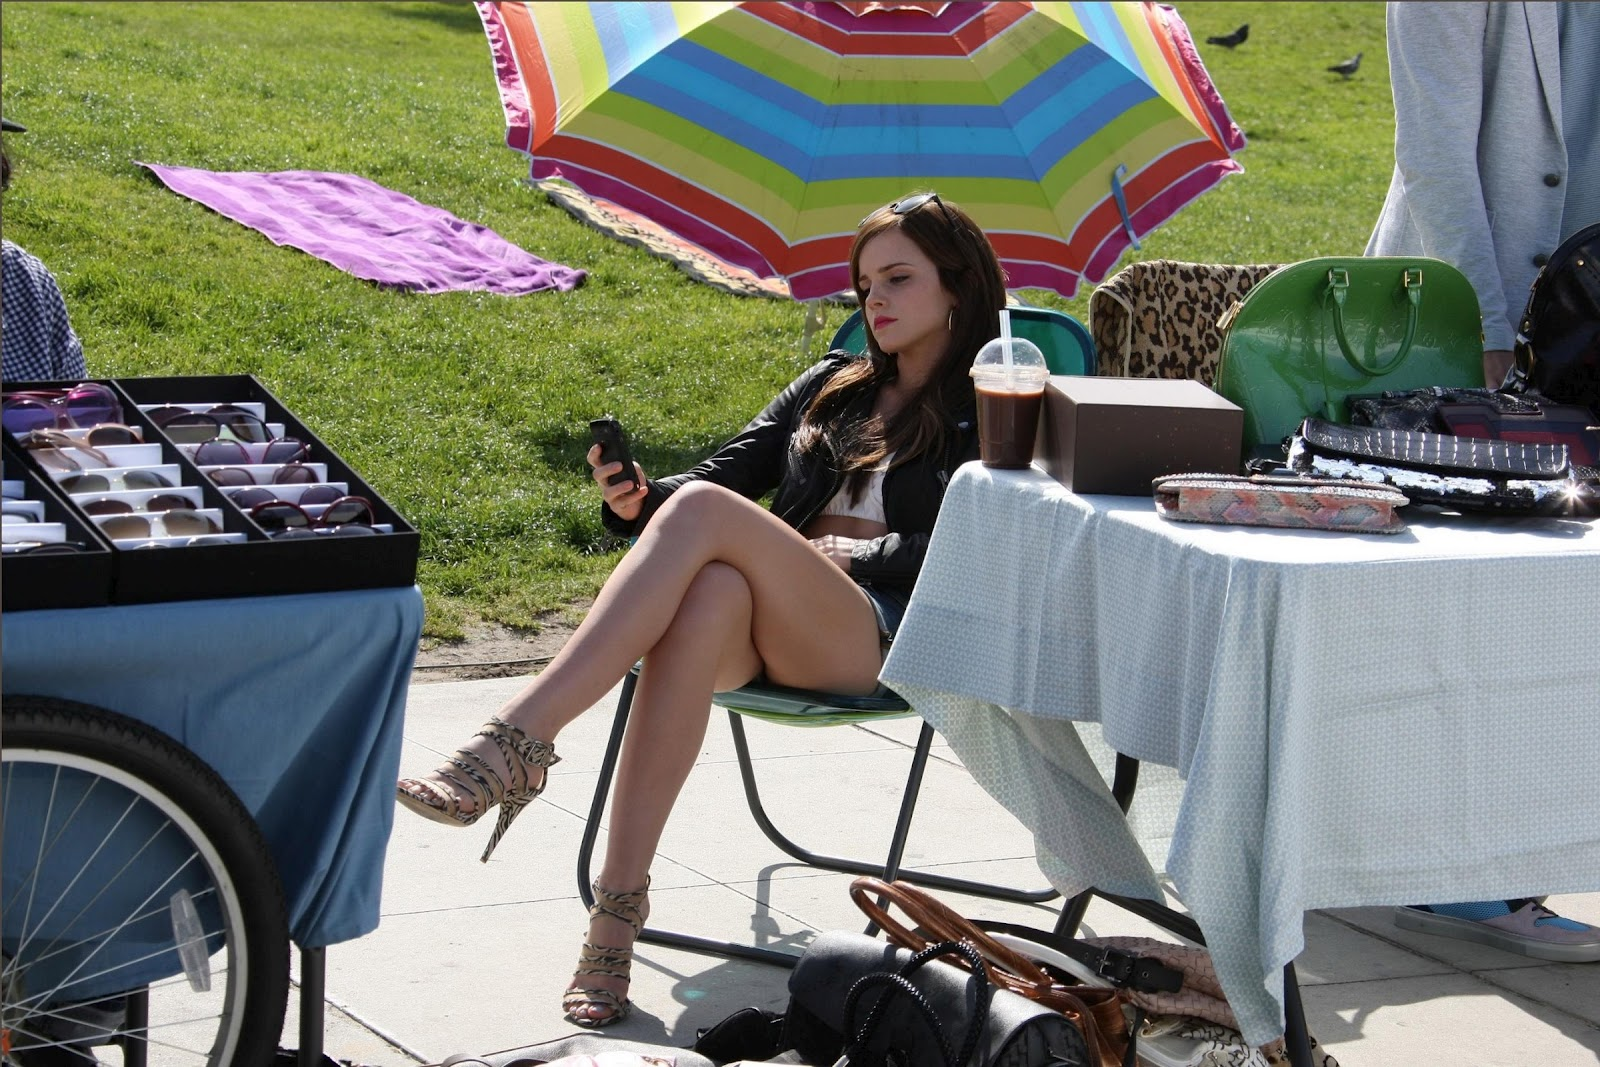 http://1.bp.blogspot.com/-OIUCpVXh1ec/T4lUdJGhFlI/AAAAAAAATzM/85L8syyCq7w/s1600/Emma-Watson.jpg